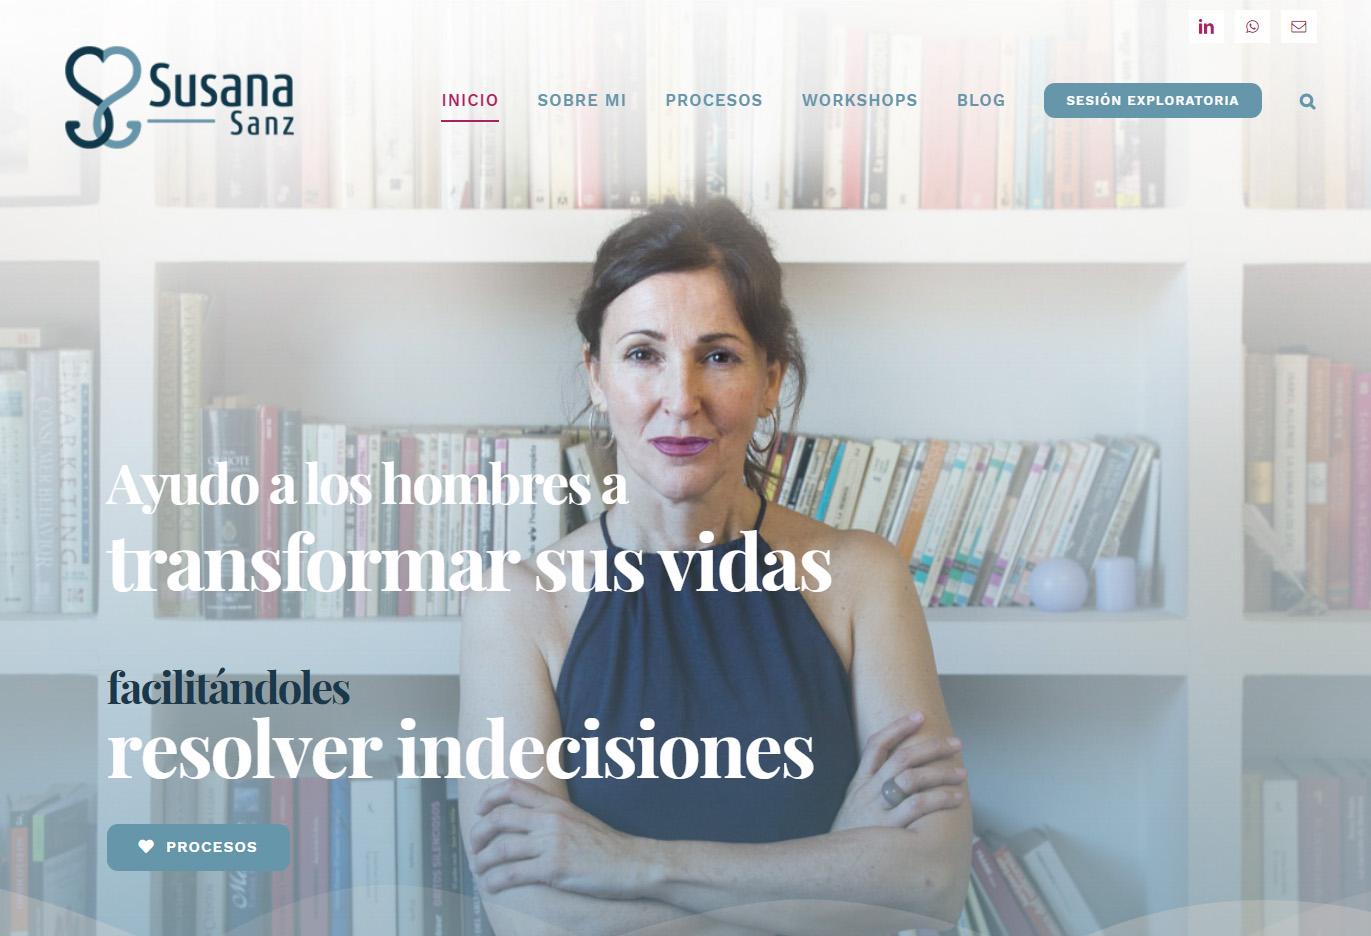 Susana Sanz